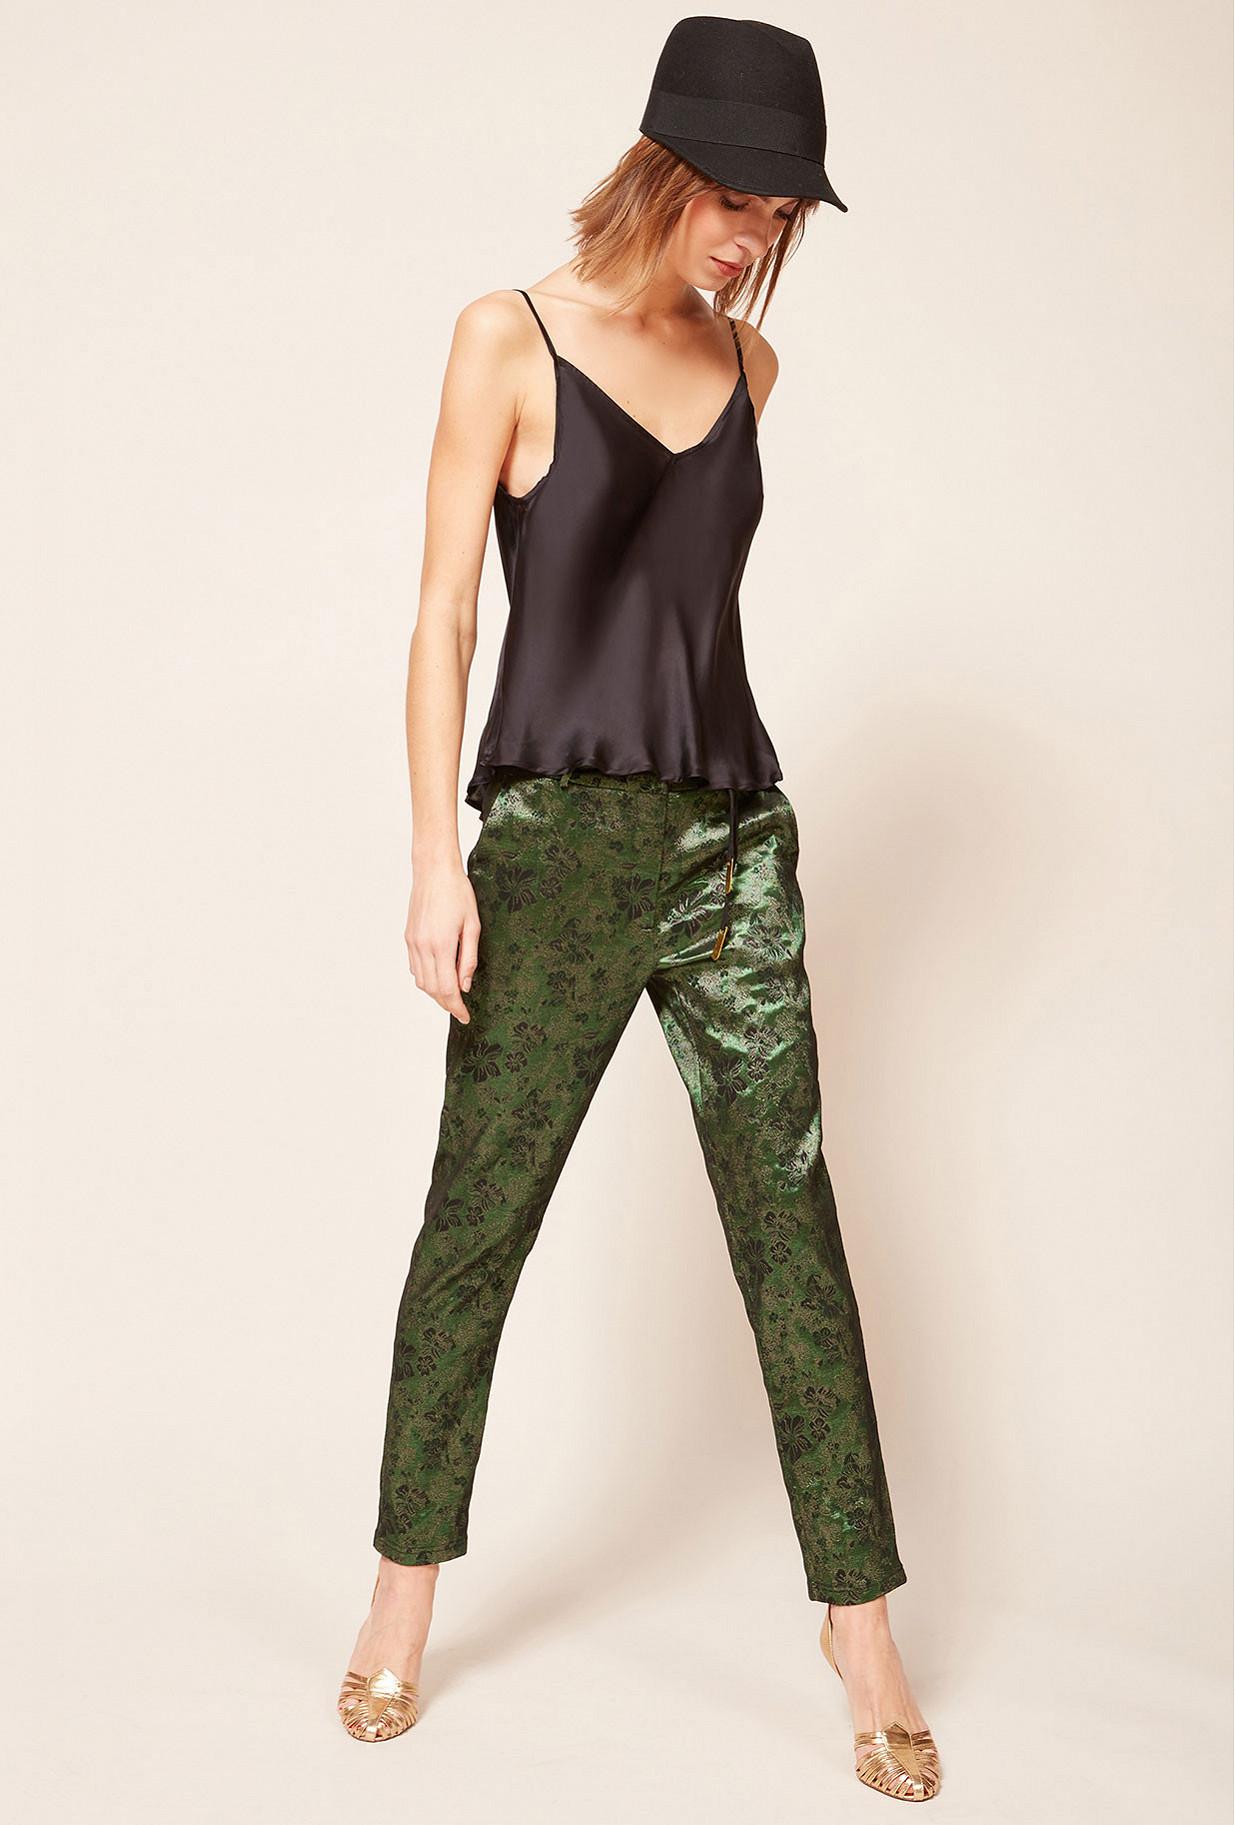 Black  Top  Leop Mes demoiselles fashion clothes designer Paris